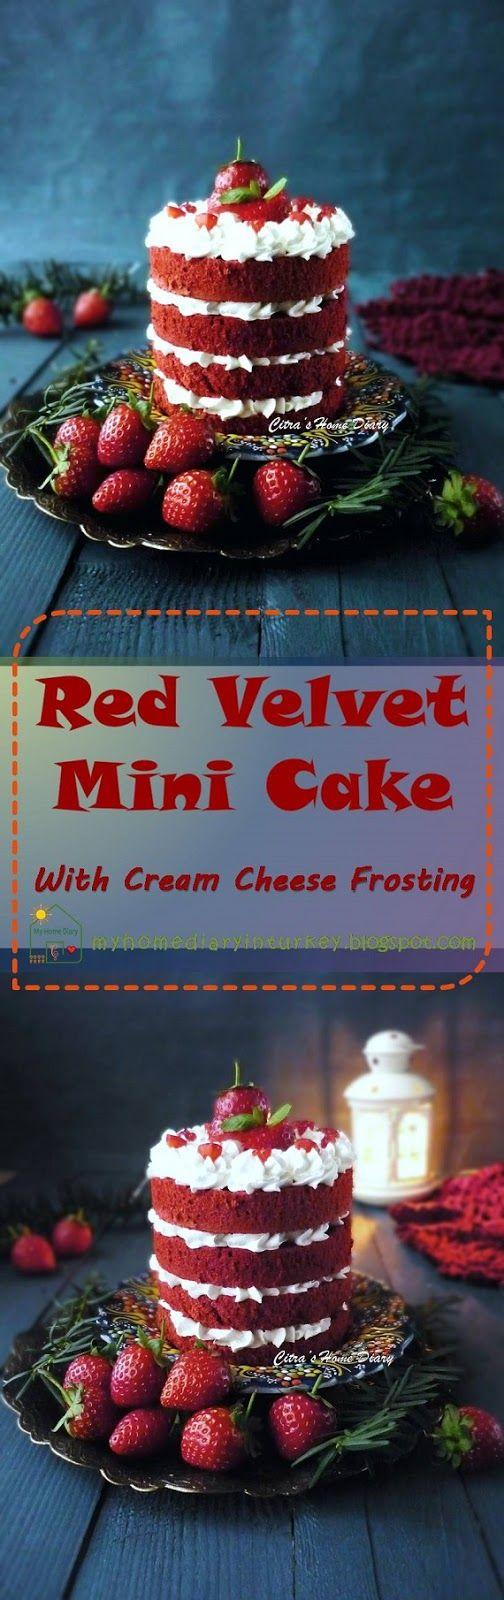 Red Velvet Cake with Cream cheese / Red Velvet Kek dengan krem keju yang lezat | Çitra's Home Diary. #redvelvetcake #minicake #creamcheesefrosting #creamcheese #miniredvelvet #dessert #valentinecake  #cakedecorationidea #birthdaycakeidea #nakedcake